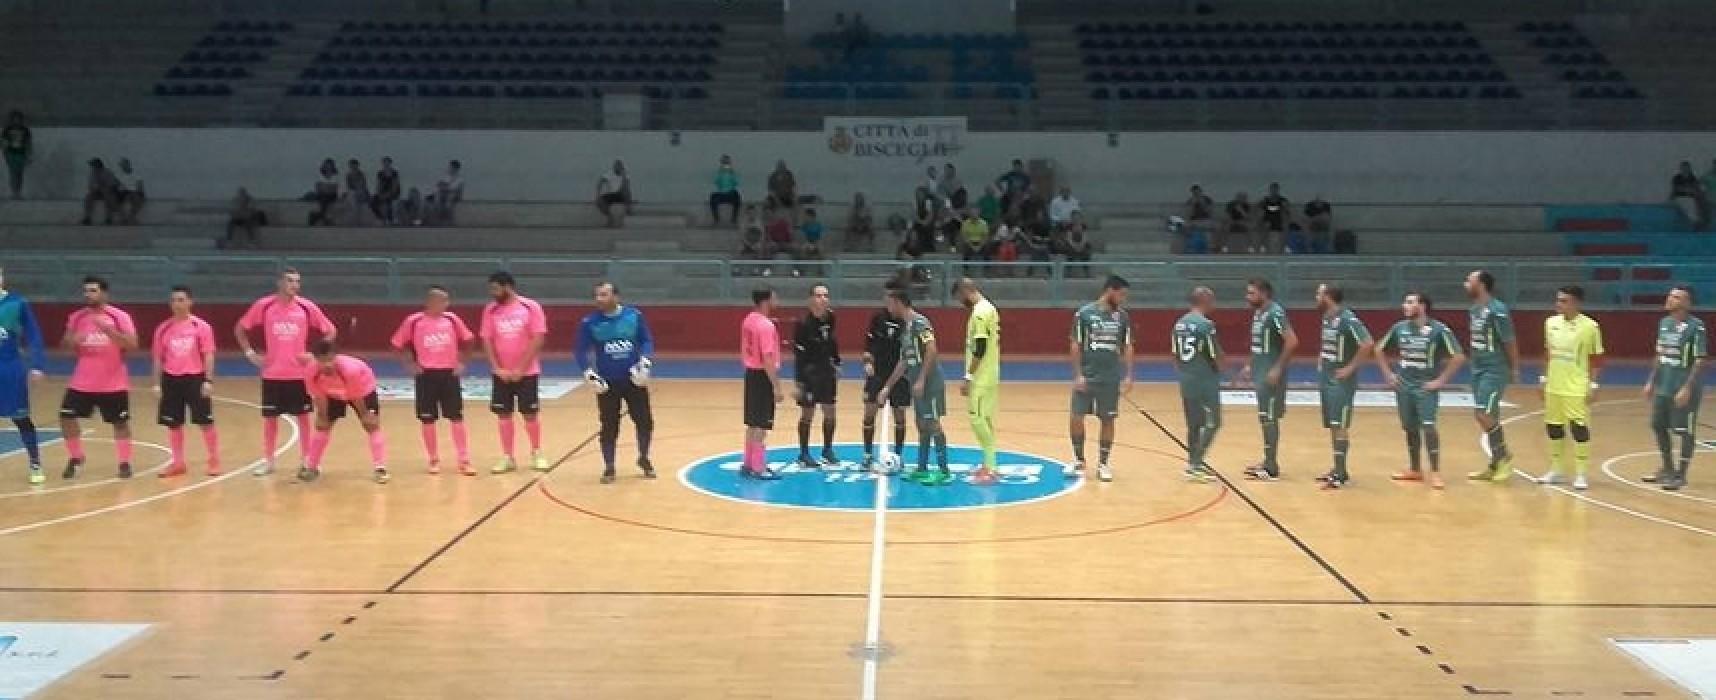 Futsal, Serie C1: c'è Nettuno-Aquile Molfetta, Diaz che attende la vice capolista Locorotondo